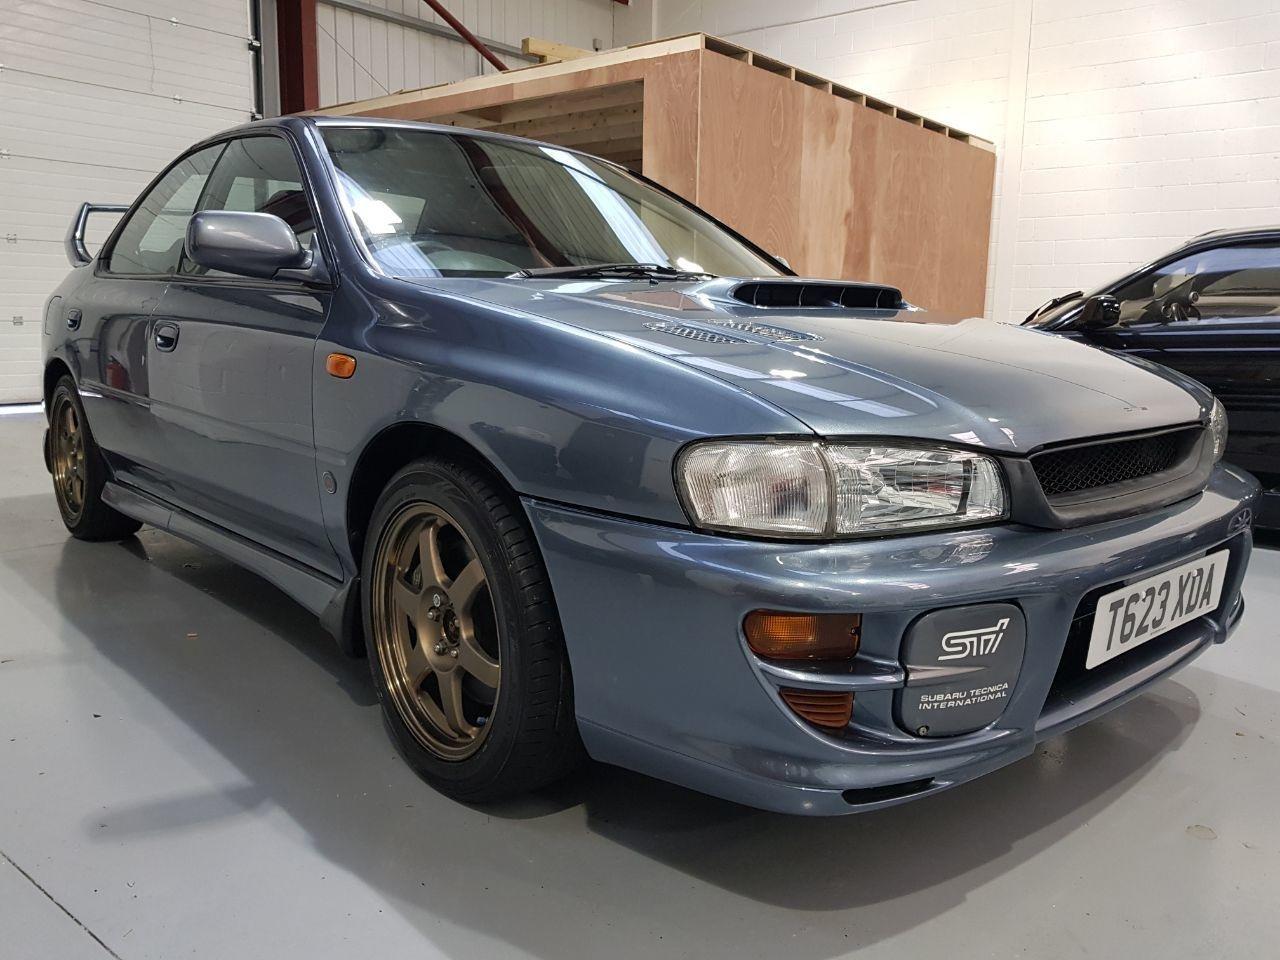 1998 Subaru Impreza 2.0 WRX STI Version 6 - GC8 For Sale (picture 2 of 5)